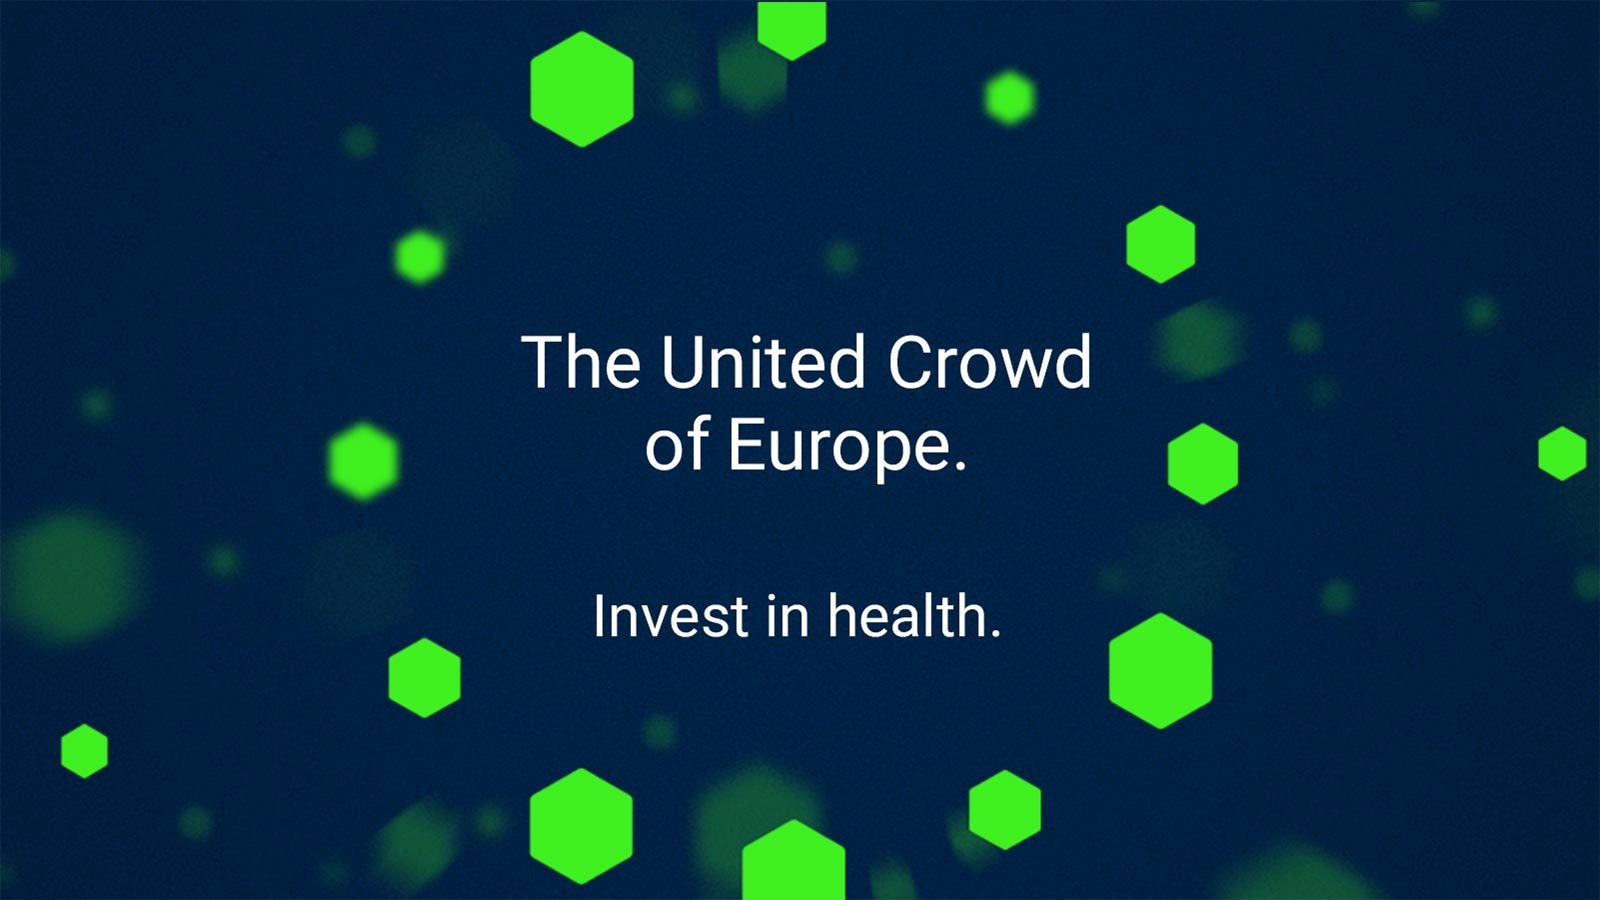 aescuvest und EIT Health starten die erste europaweite Equity-Crowdfunding-Plattform für den Gesundheitssektor